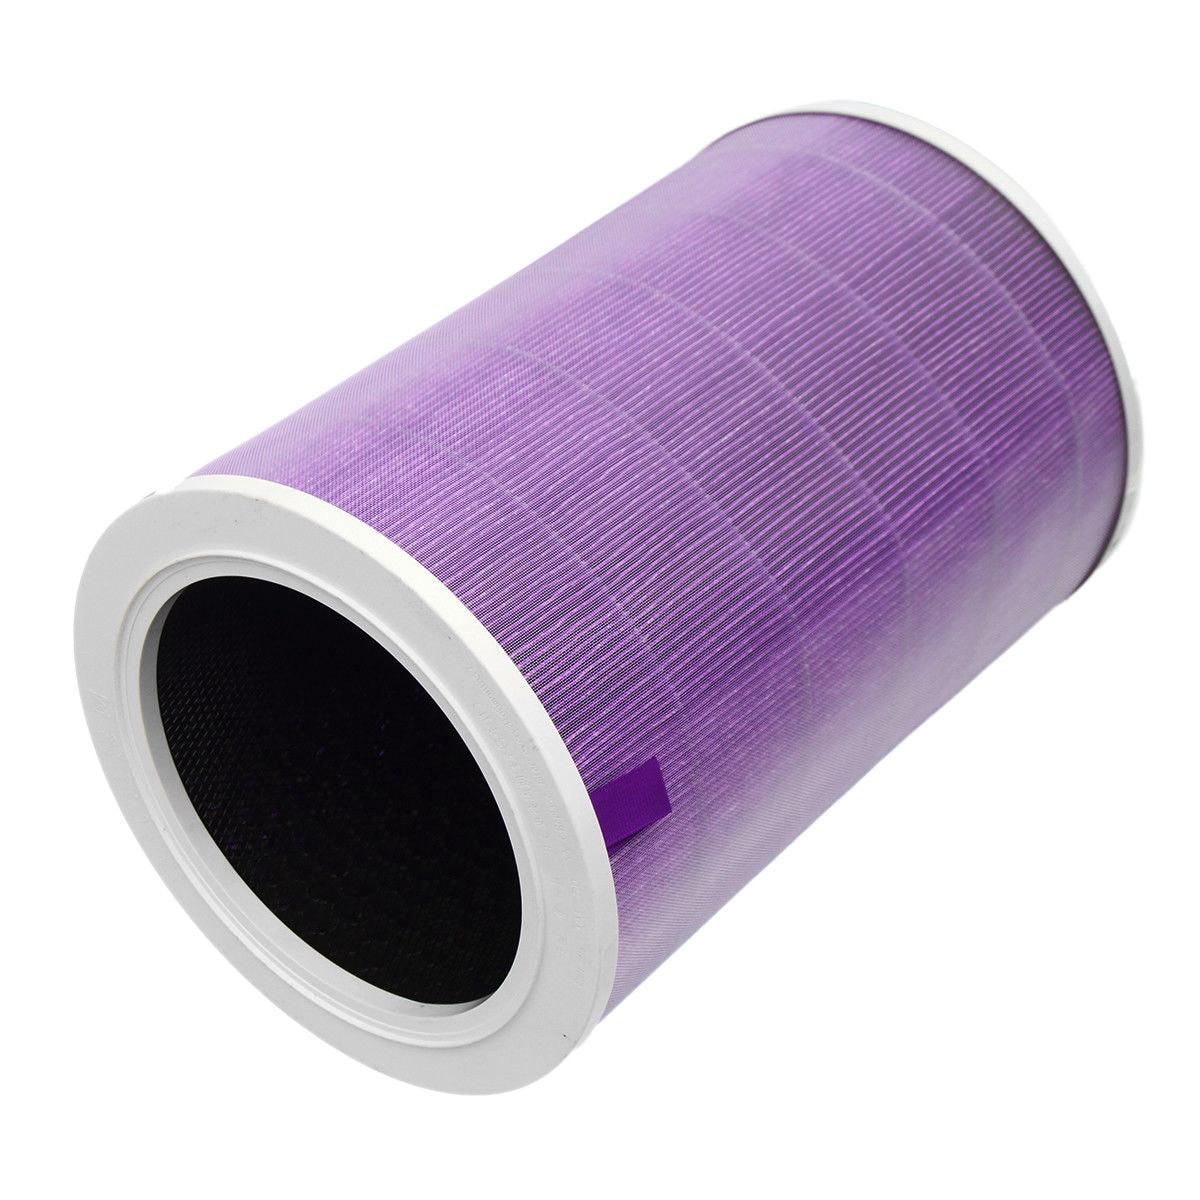 Air Filter Patrone Filter Element Für Xiao mi mi Luftreiniger 1/2/Pro/2 S 1 PC